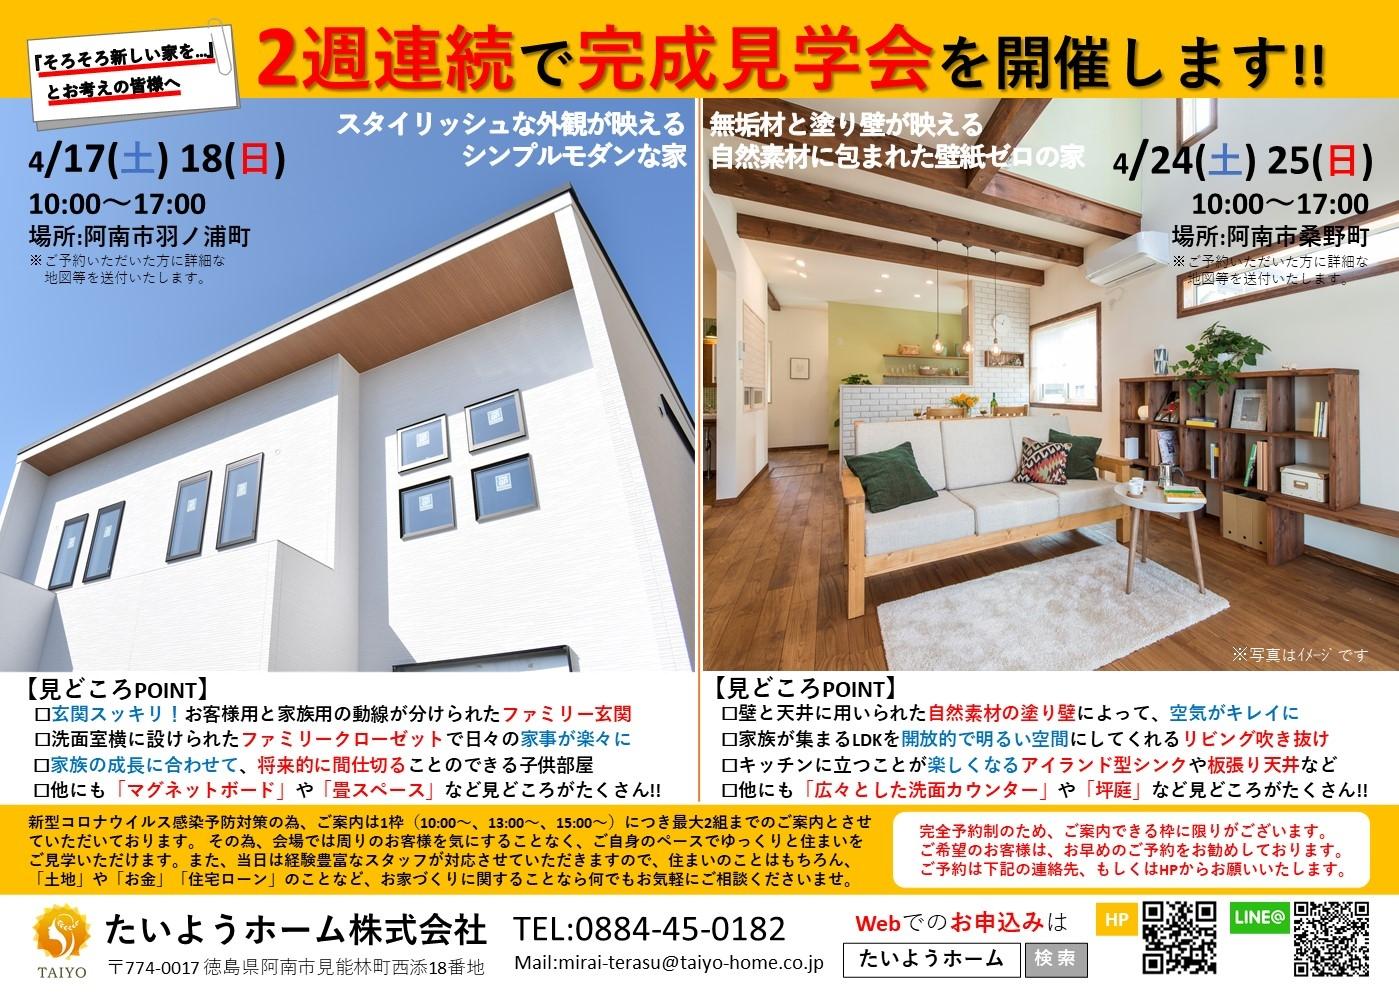 20210328 2週連続完成見学会!.jpg